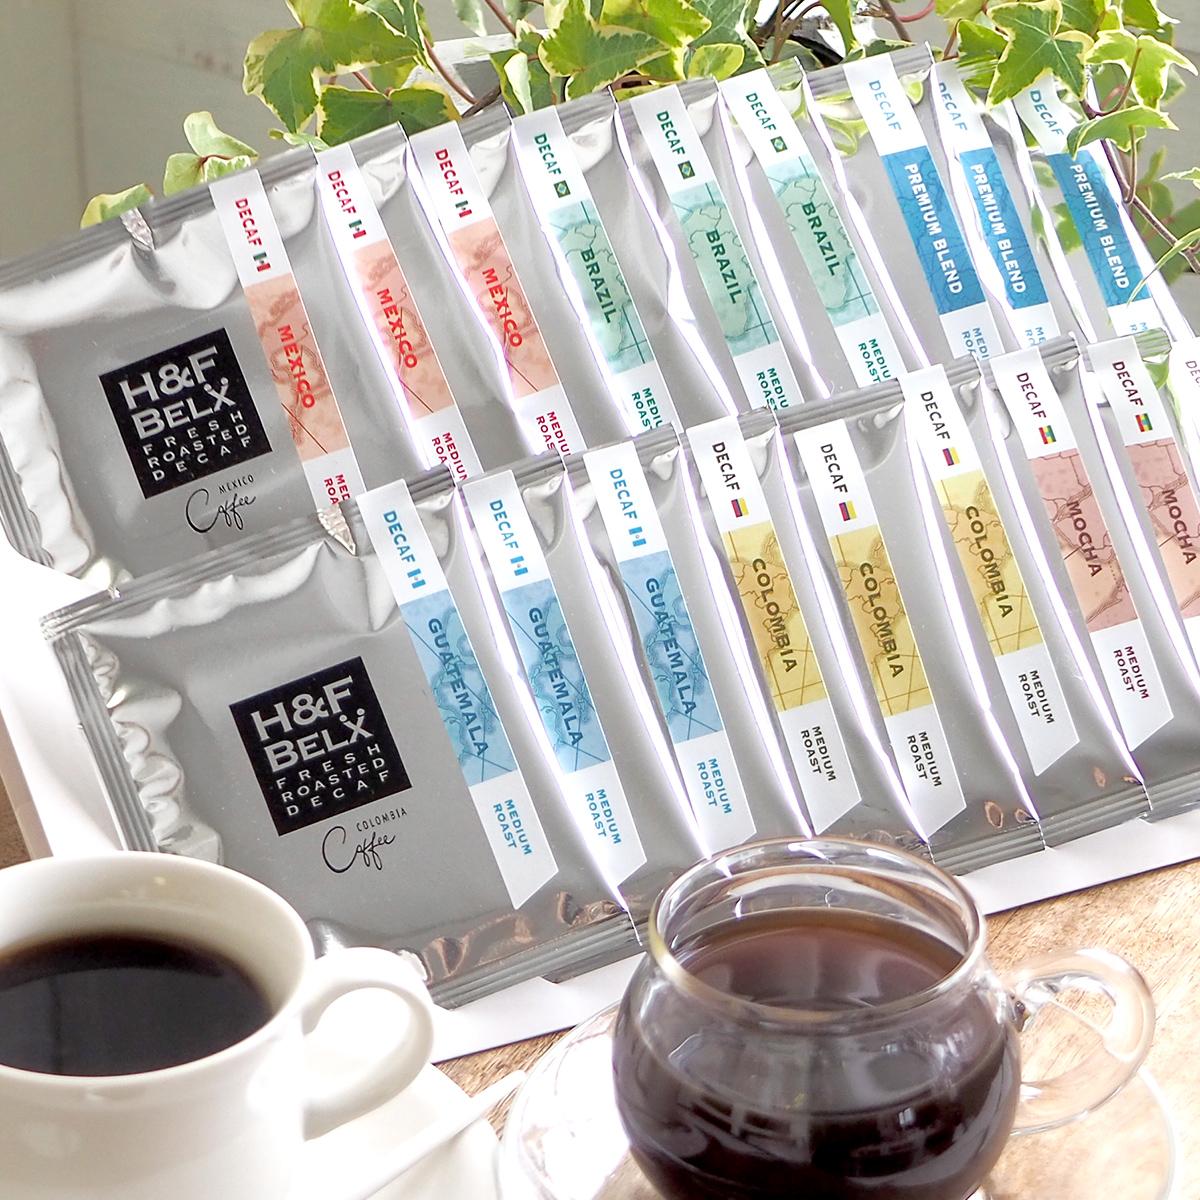 カフェイン0.00gのデカフェコーヒー産地別アソート